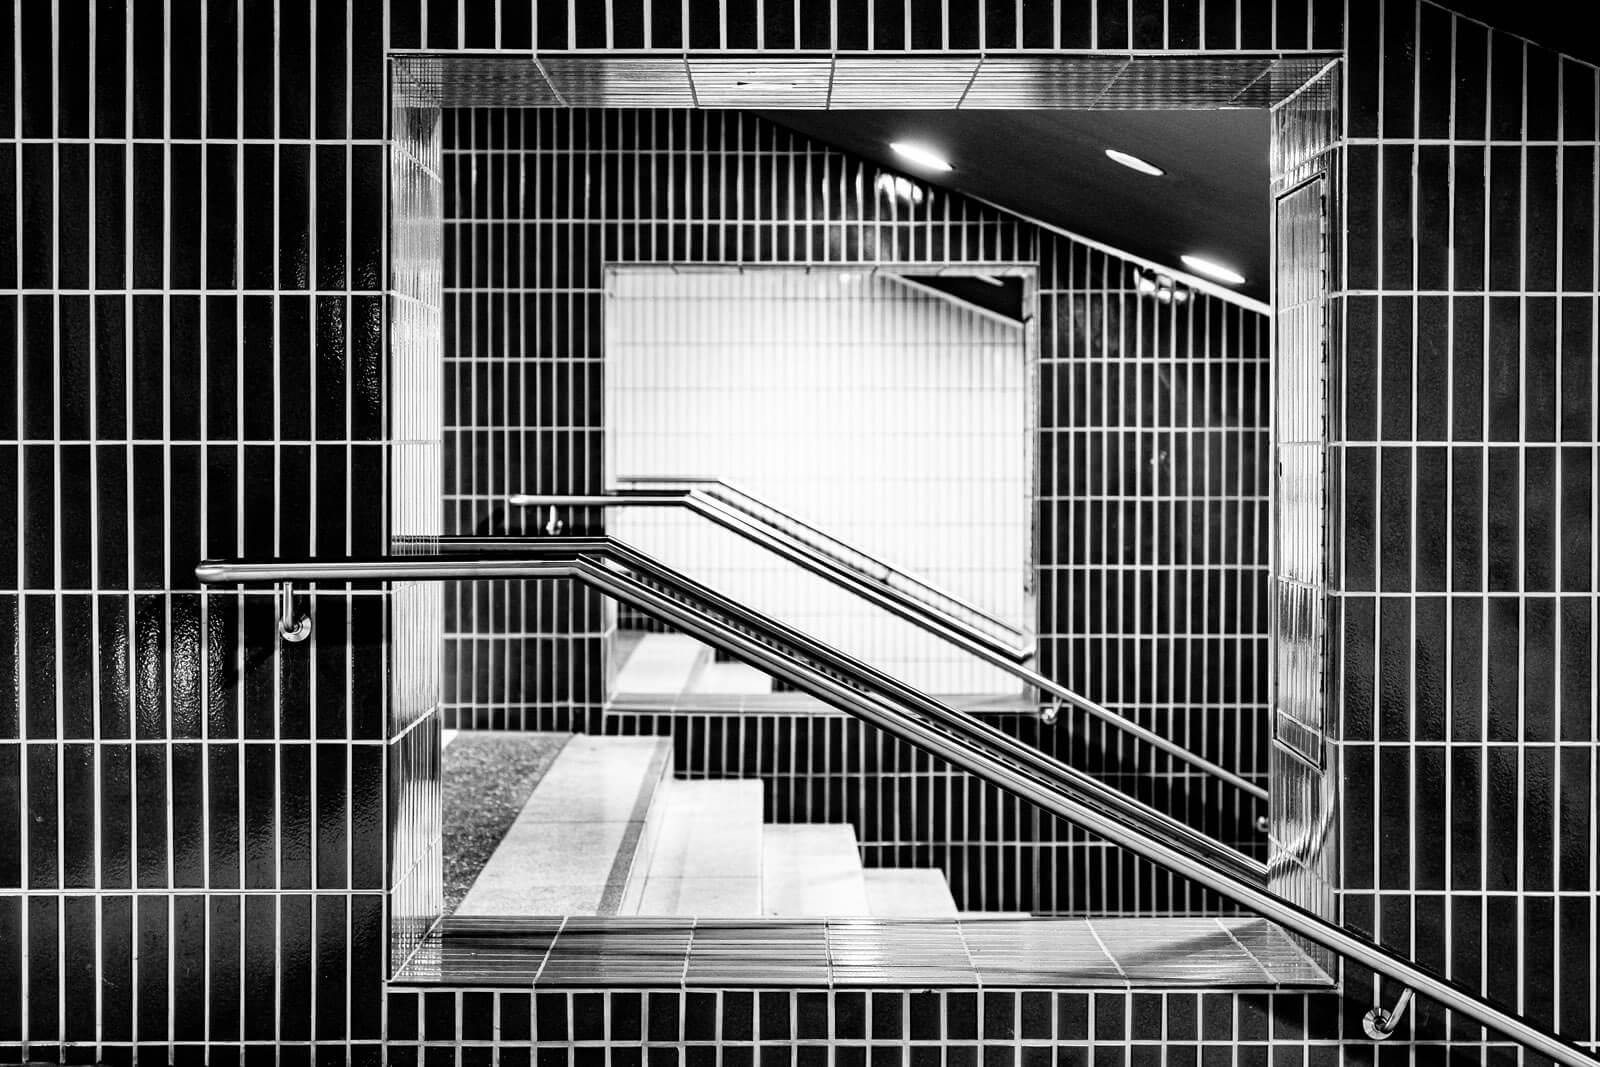 Architektur fotografieren